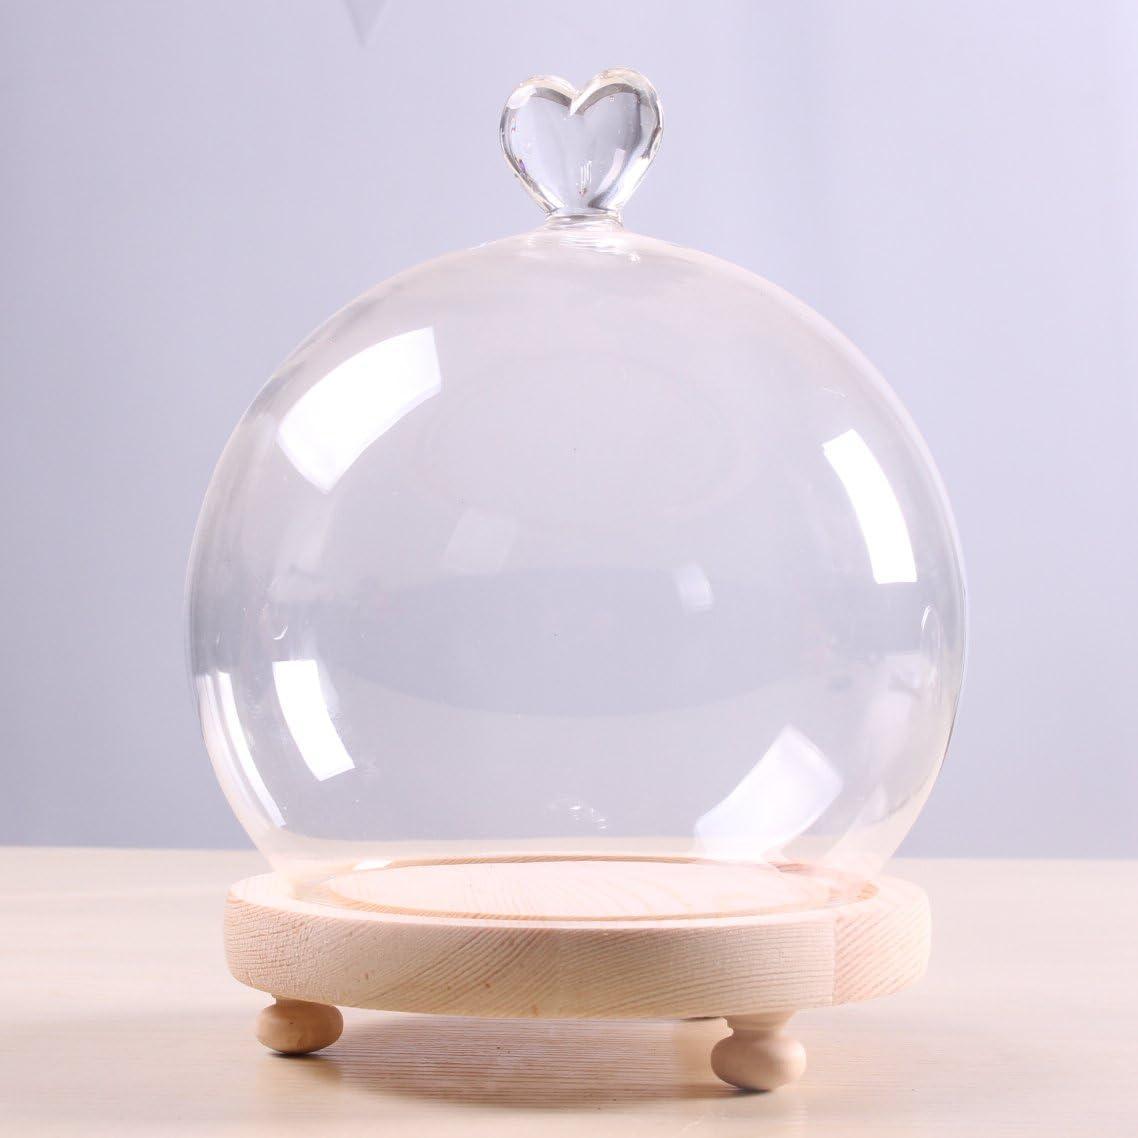 Siyaglass /Écran Cloche en Verre Globe Clair D/ôme Cloche avec C/œur Poign/ée en Bois Base Dia 15/cm